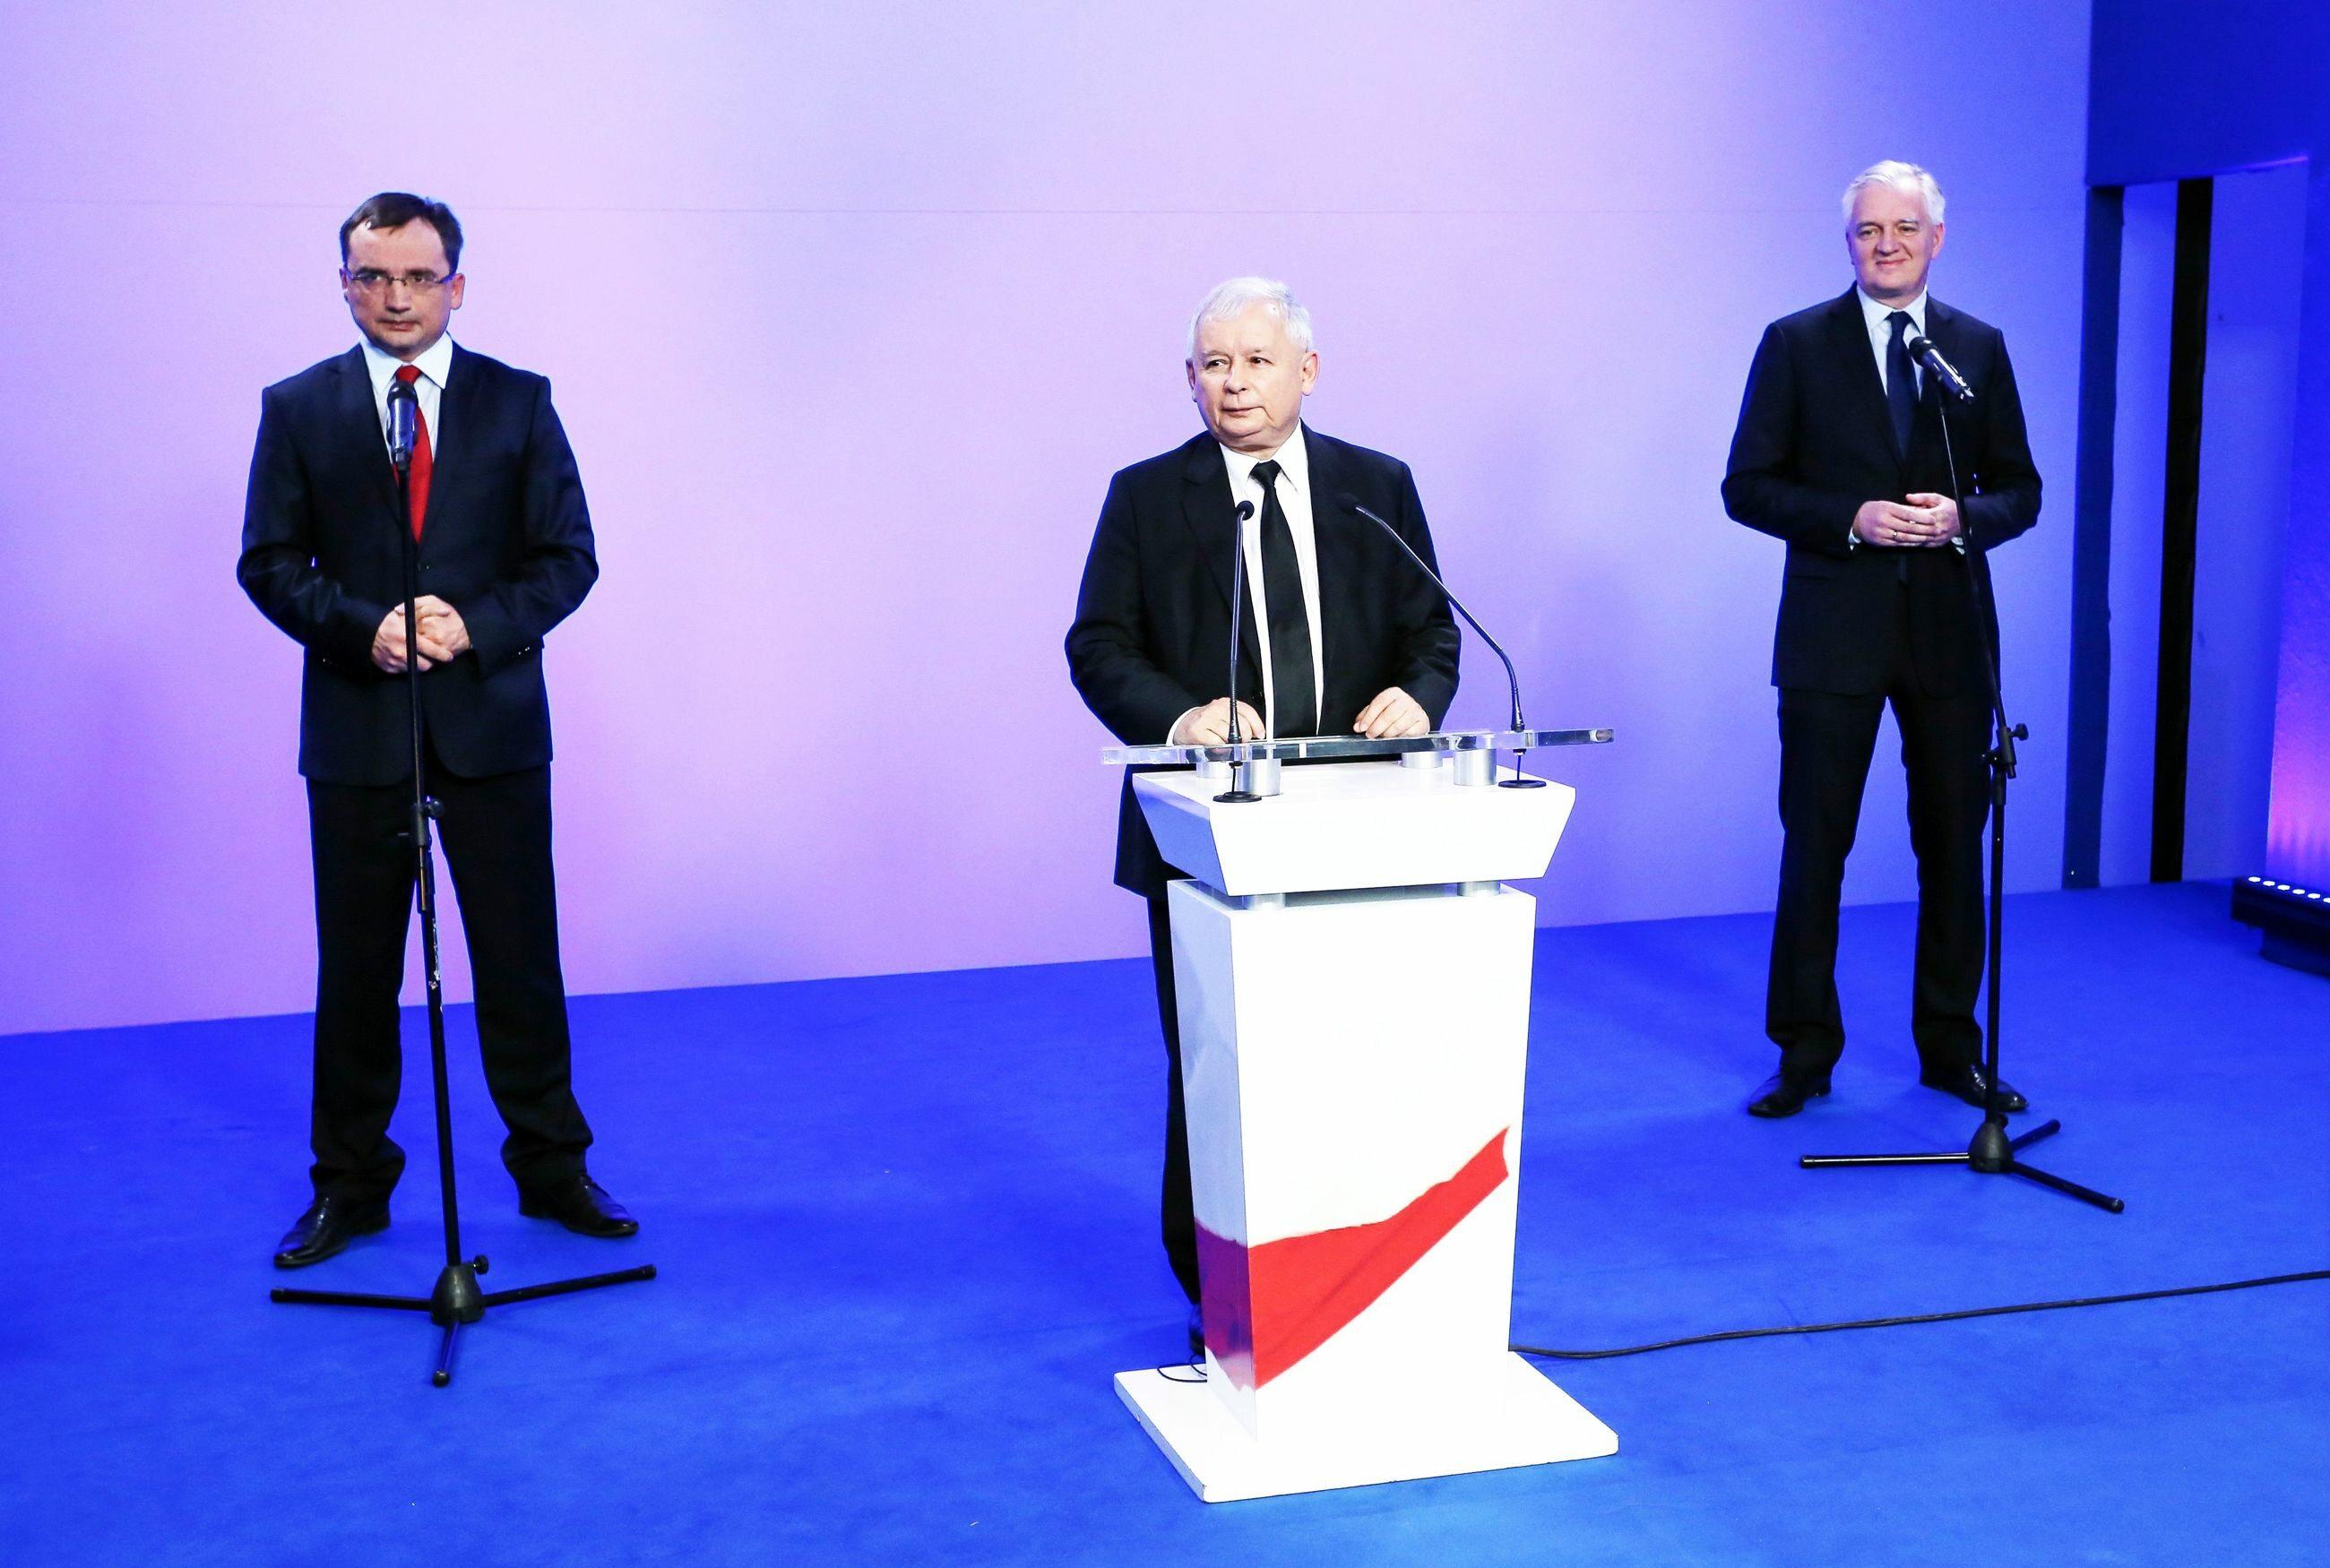 Od lewej: minister sprawiedliwości Zbigniew Ziobro, prezes PiS Jarosław Kaczyński i wicepremier Jarosław Gowin